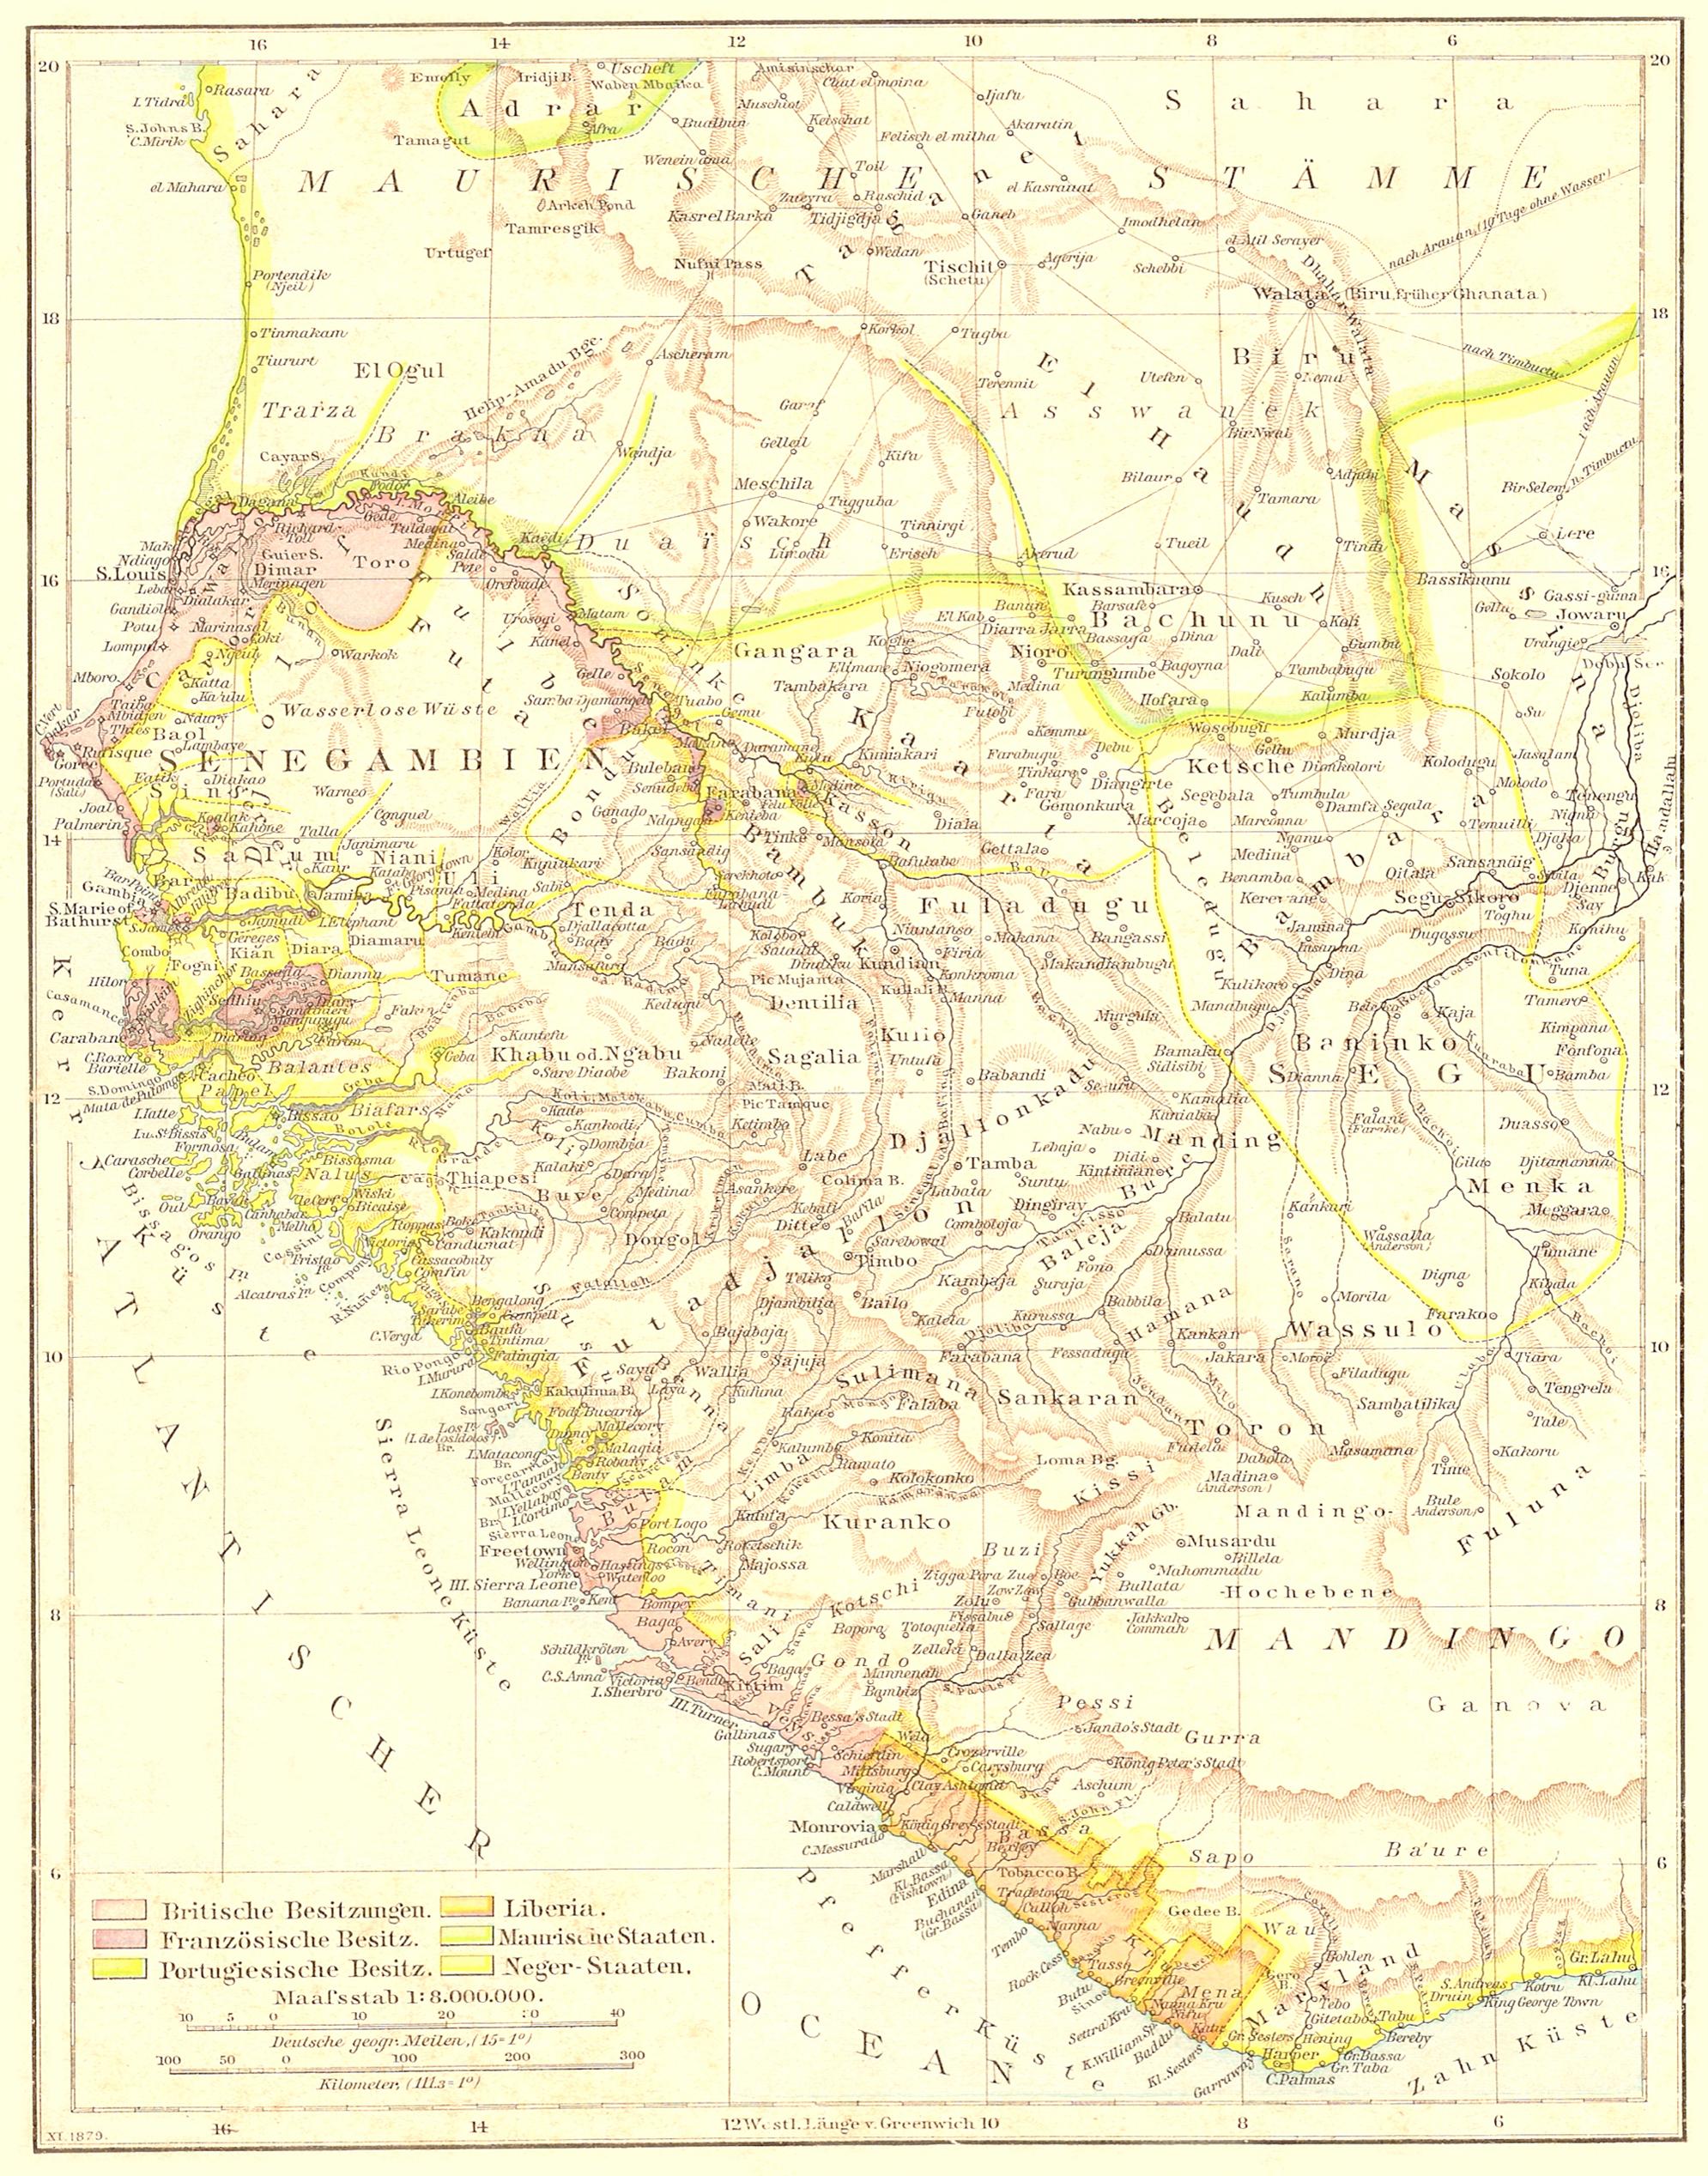 Senegambia 1879